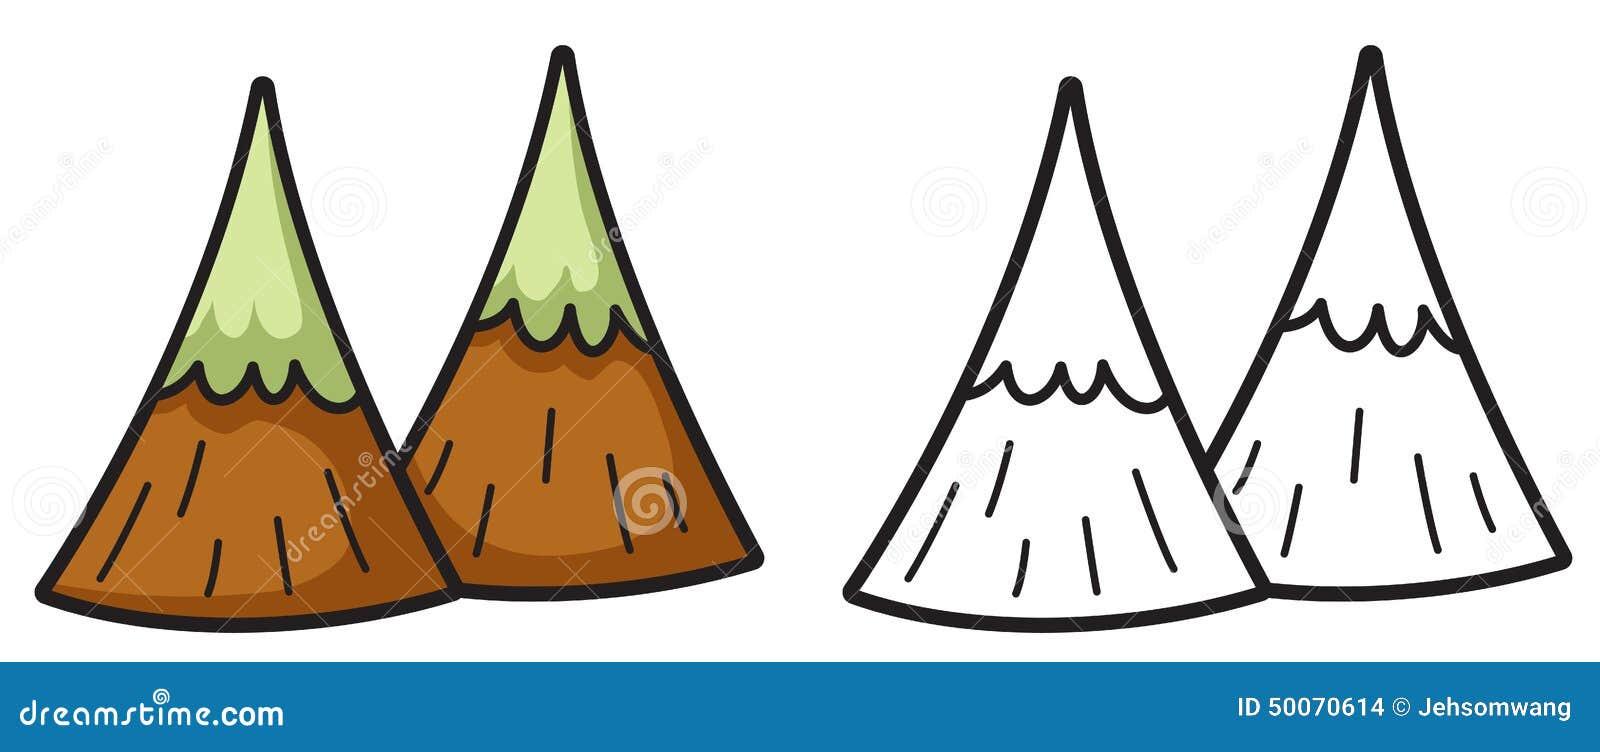 Montaña Colorida Y Blanco Y Negro Para El Libro De Colorear